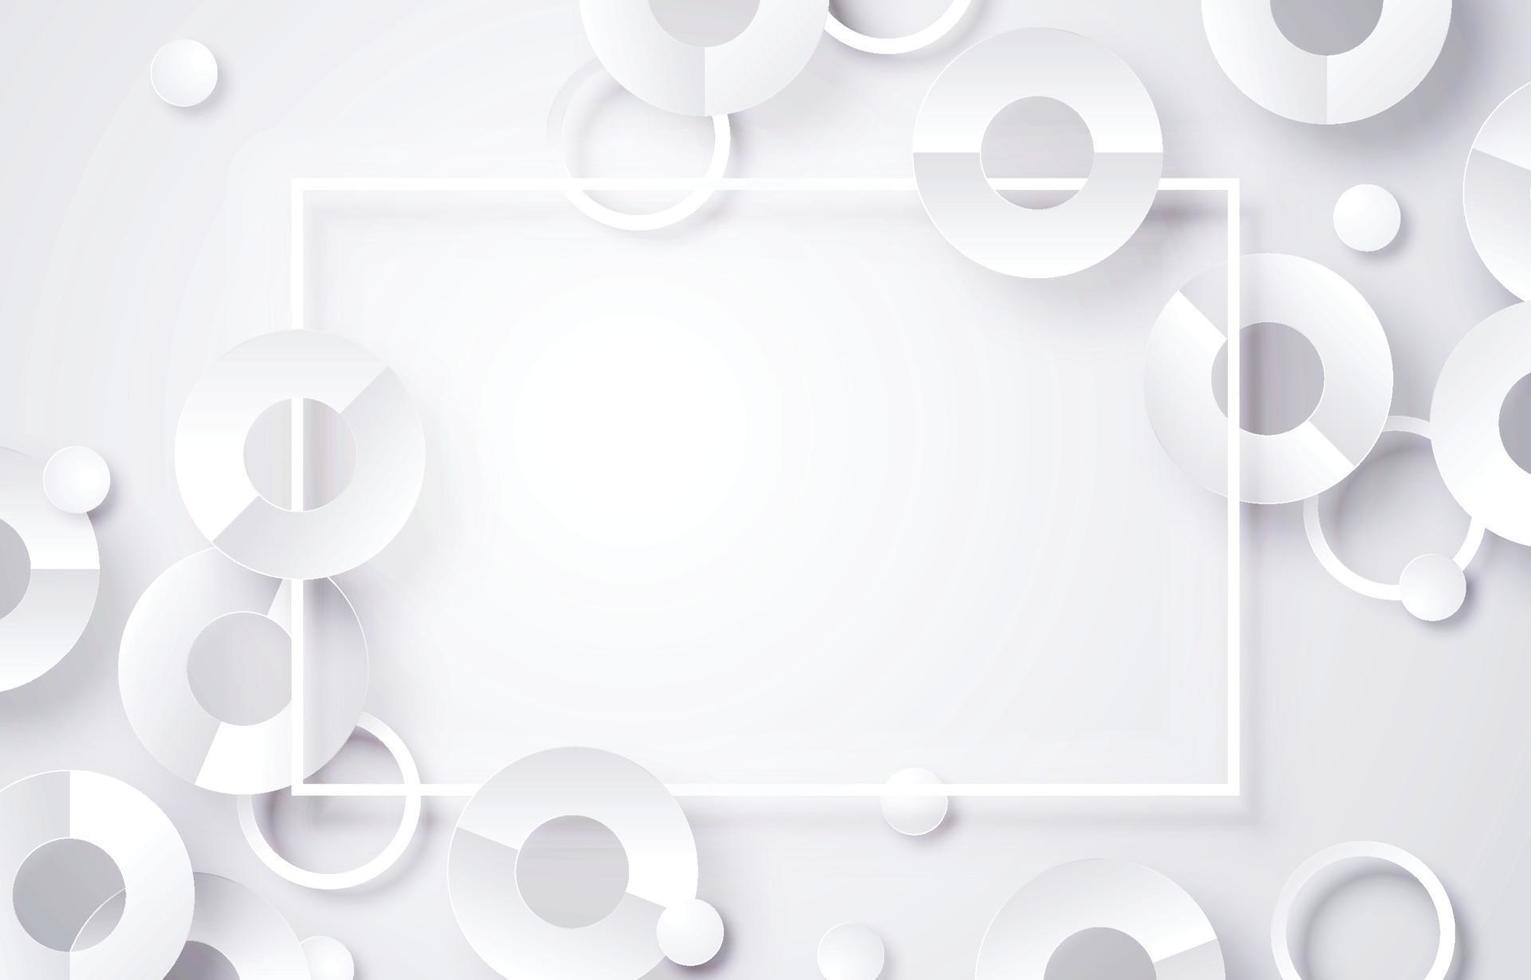 sfondo astratto cornice bianca vettore